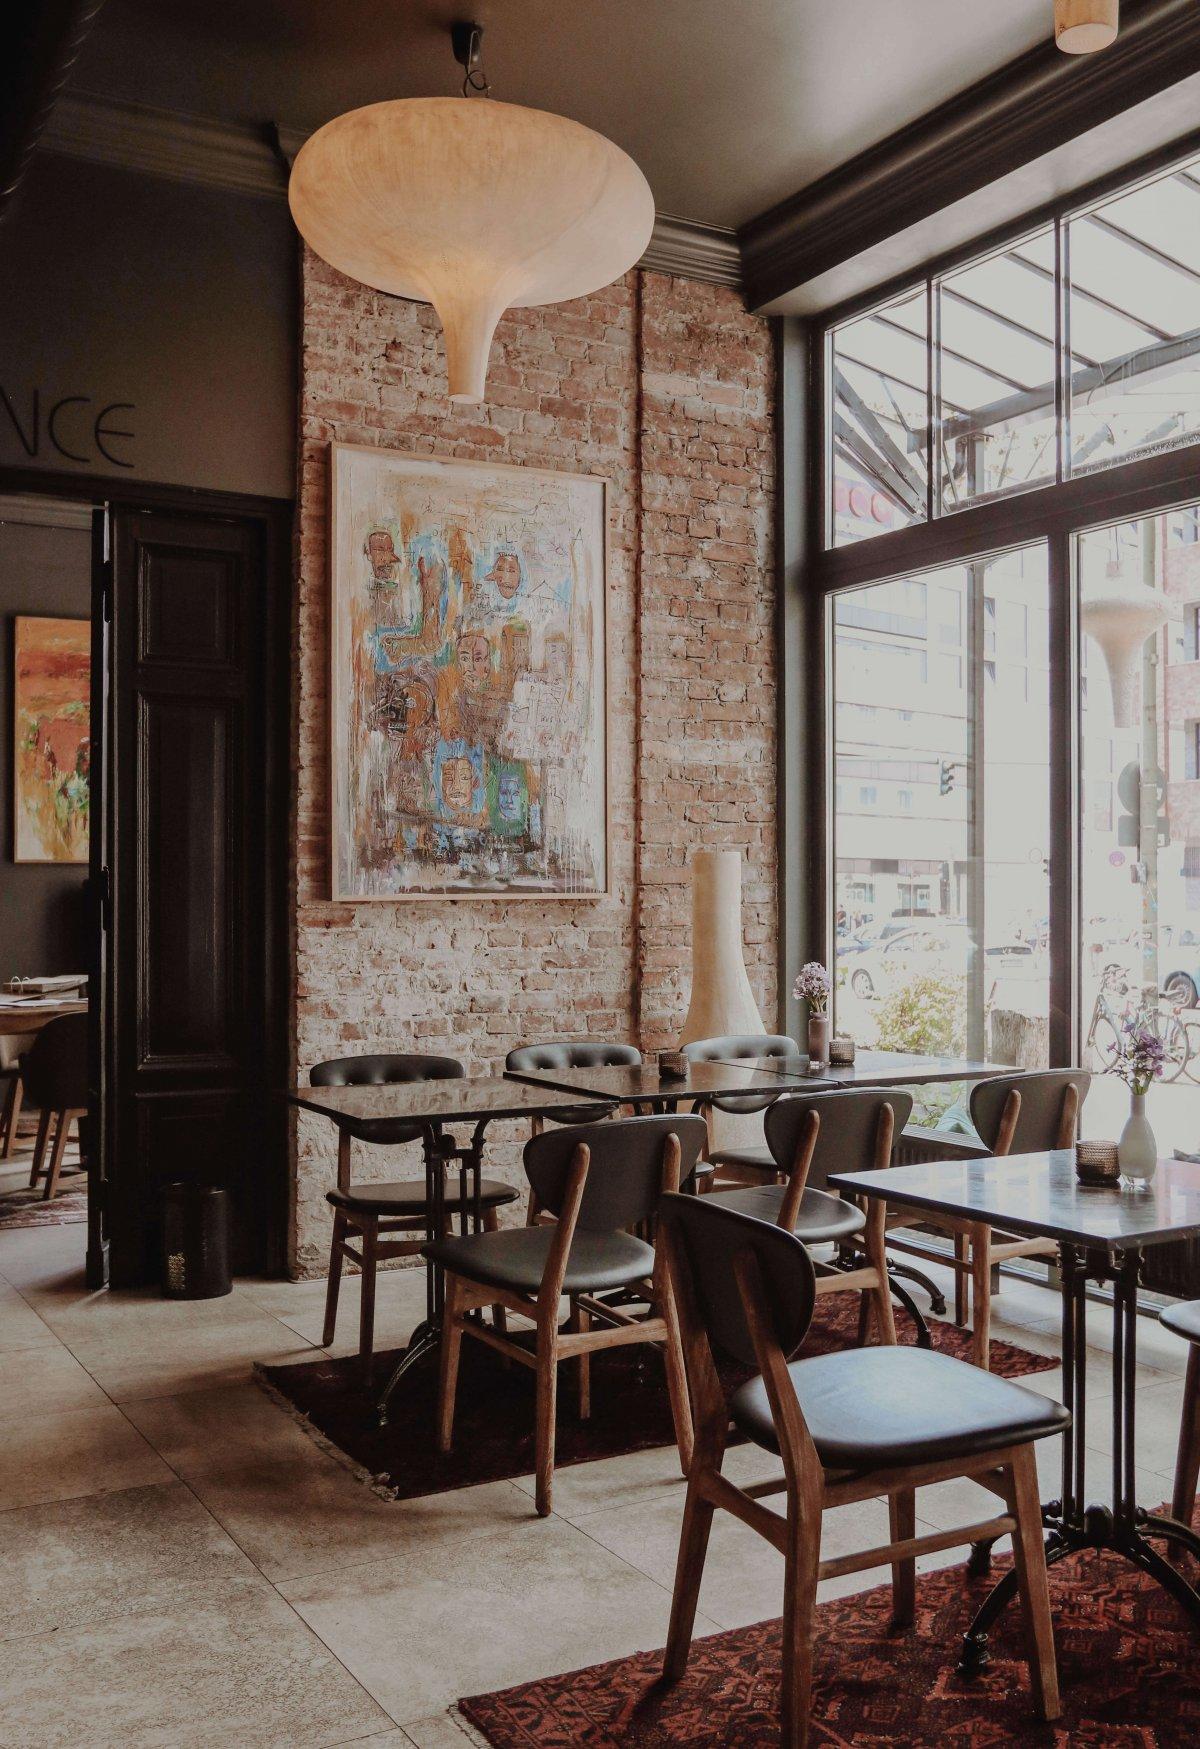 Eco hotel Berlijn – mijn verblijf in het Lulu Guldsmeden